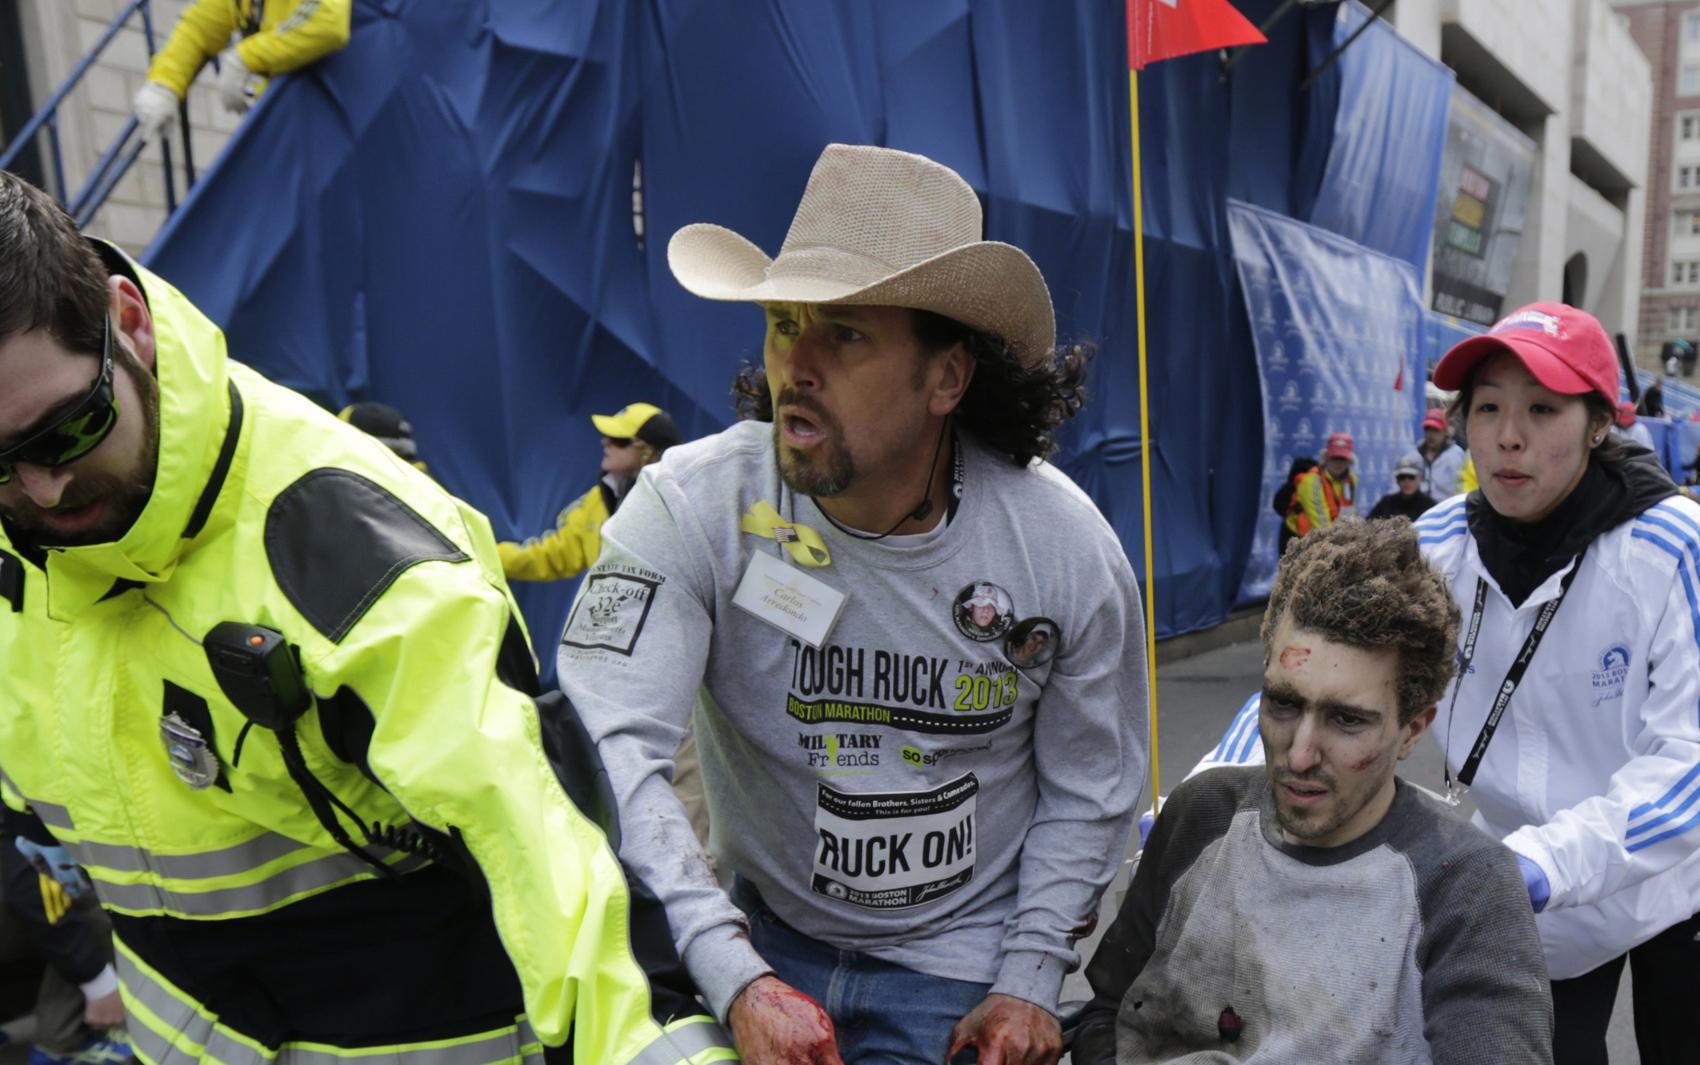 Homem recebe primeiros atendimentos depois da explosão em Boston.